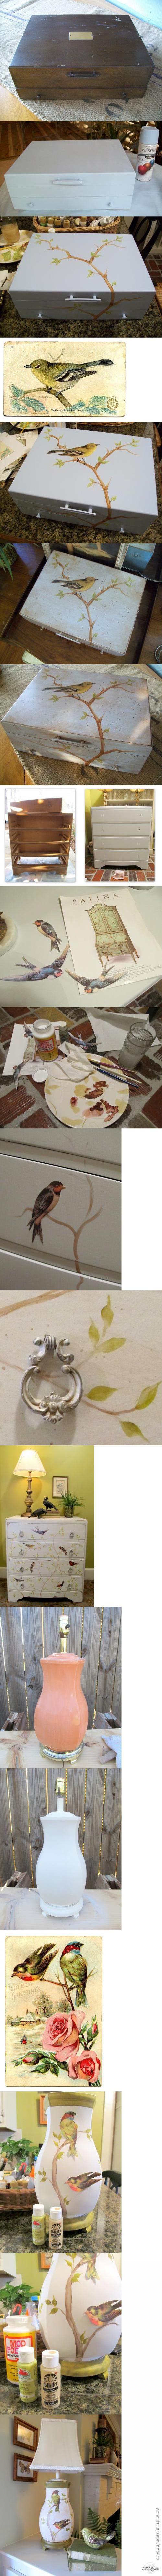 Декупаж - Сайт любителей декупажа - DCPG.RU   Птичьи проекты от Линди: короб, комод и лампа